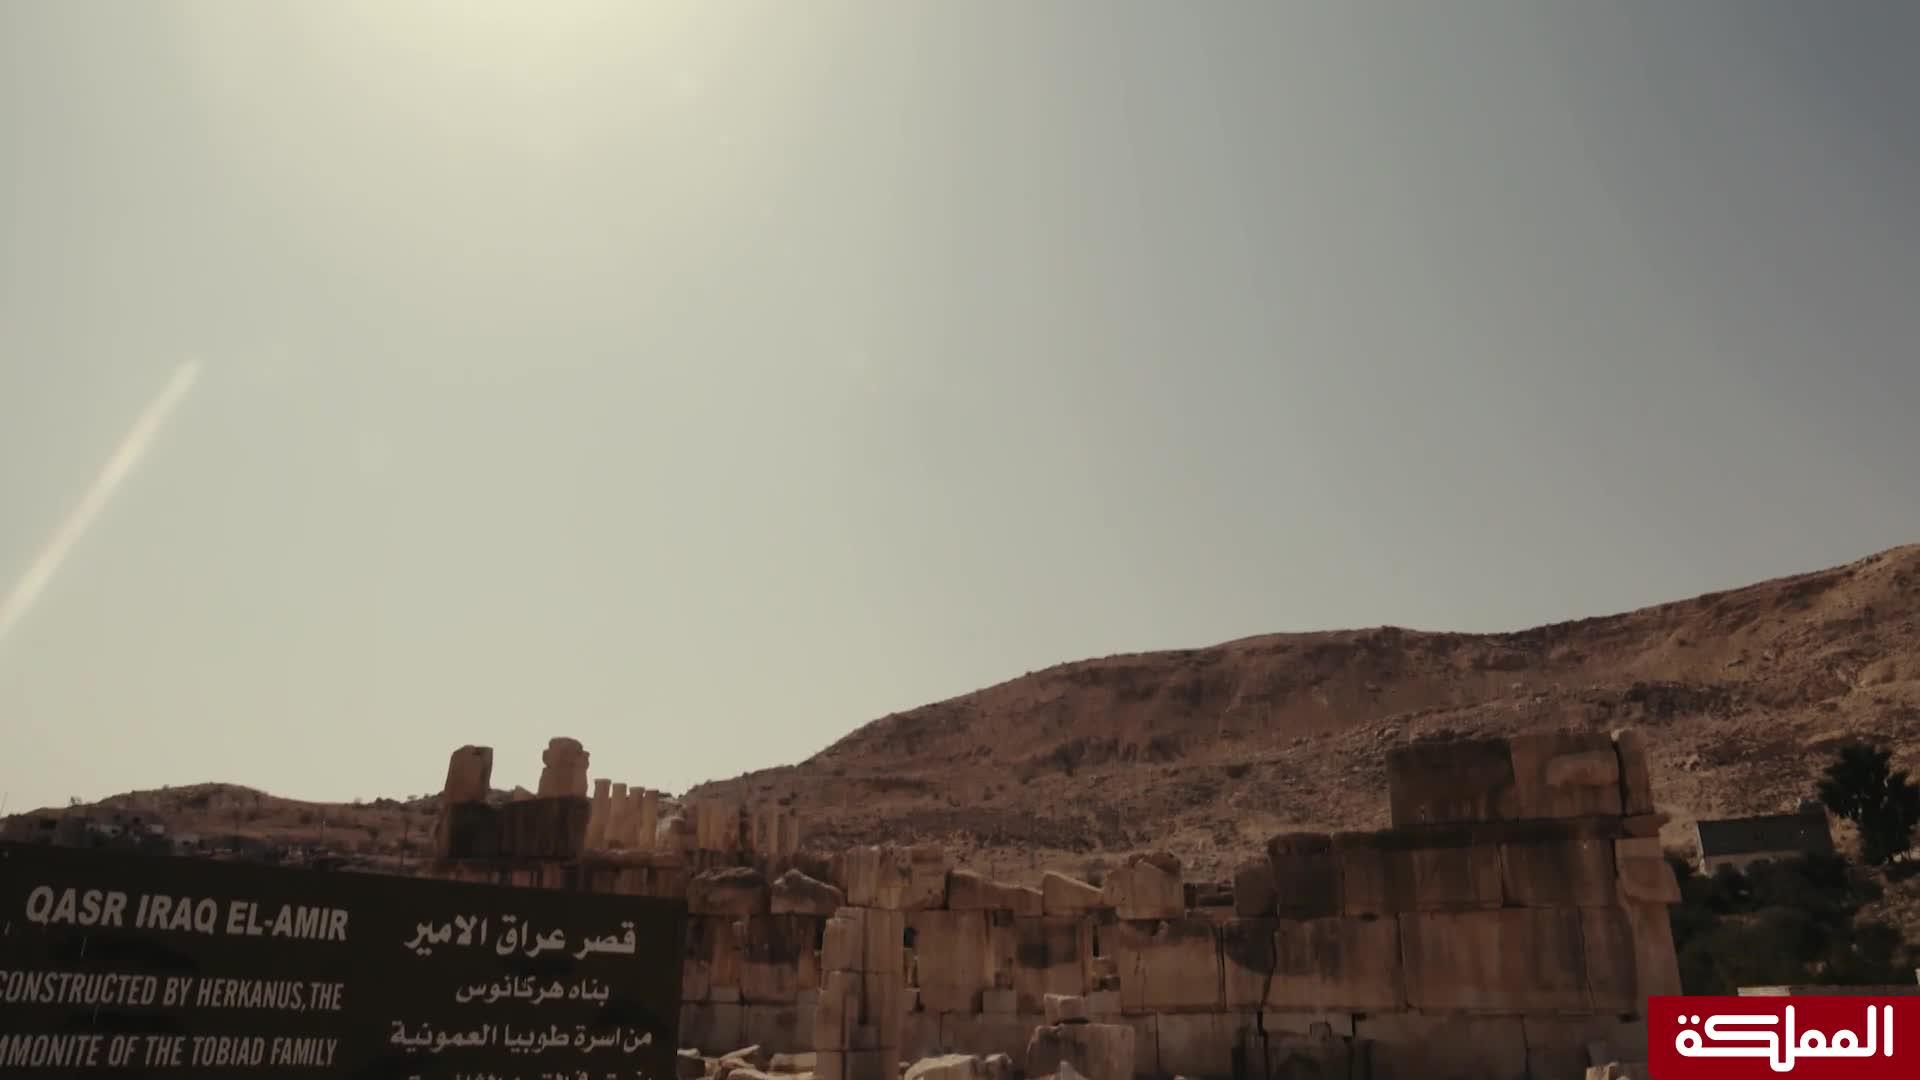 بوح القرى | قرية عراق الأمير